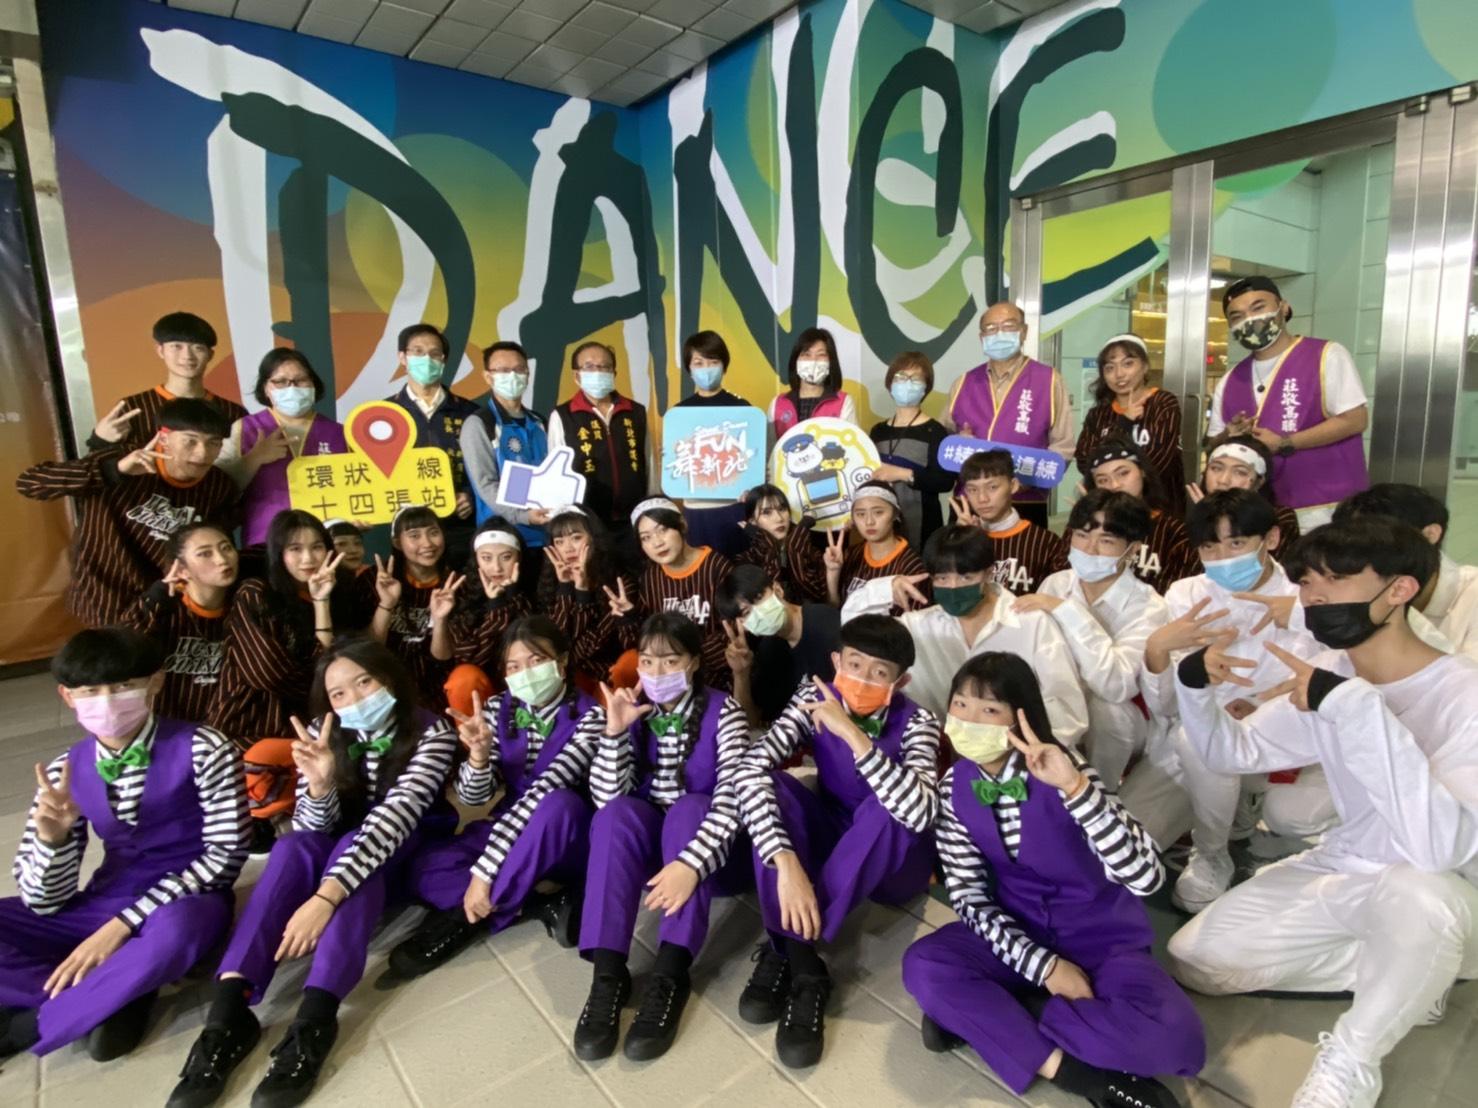 FUN舞新北空間-舞彩繽紛!環狀線十四張站街舞空間開幕活動!